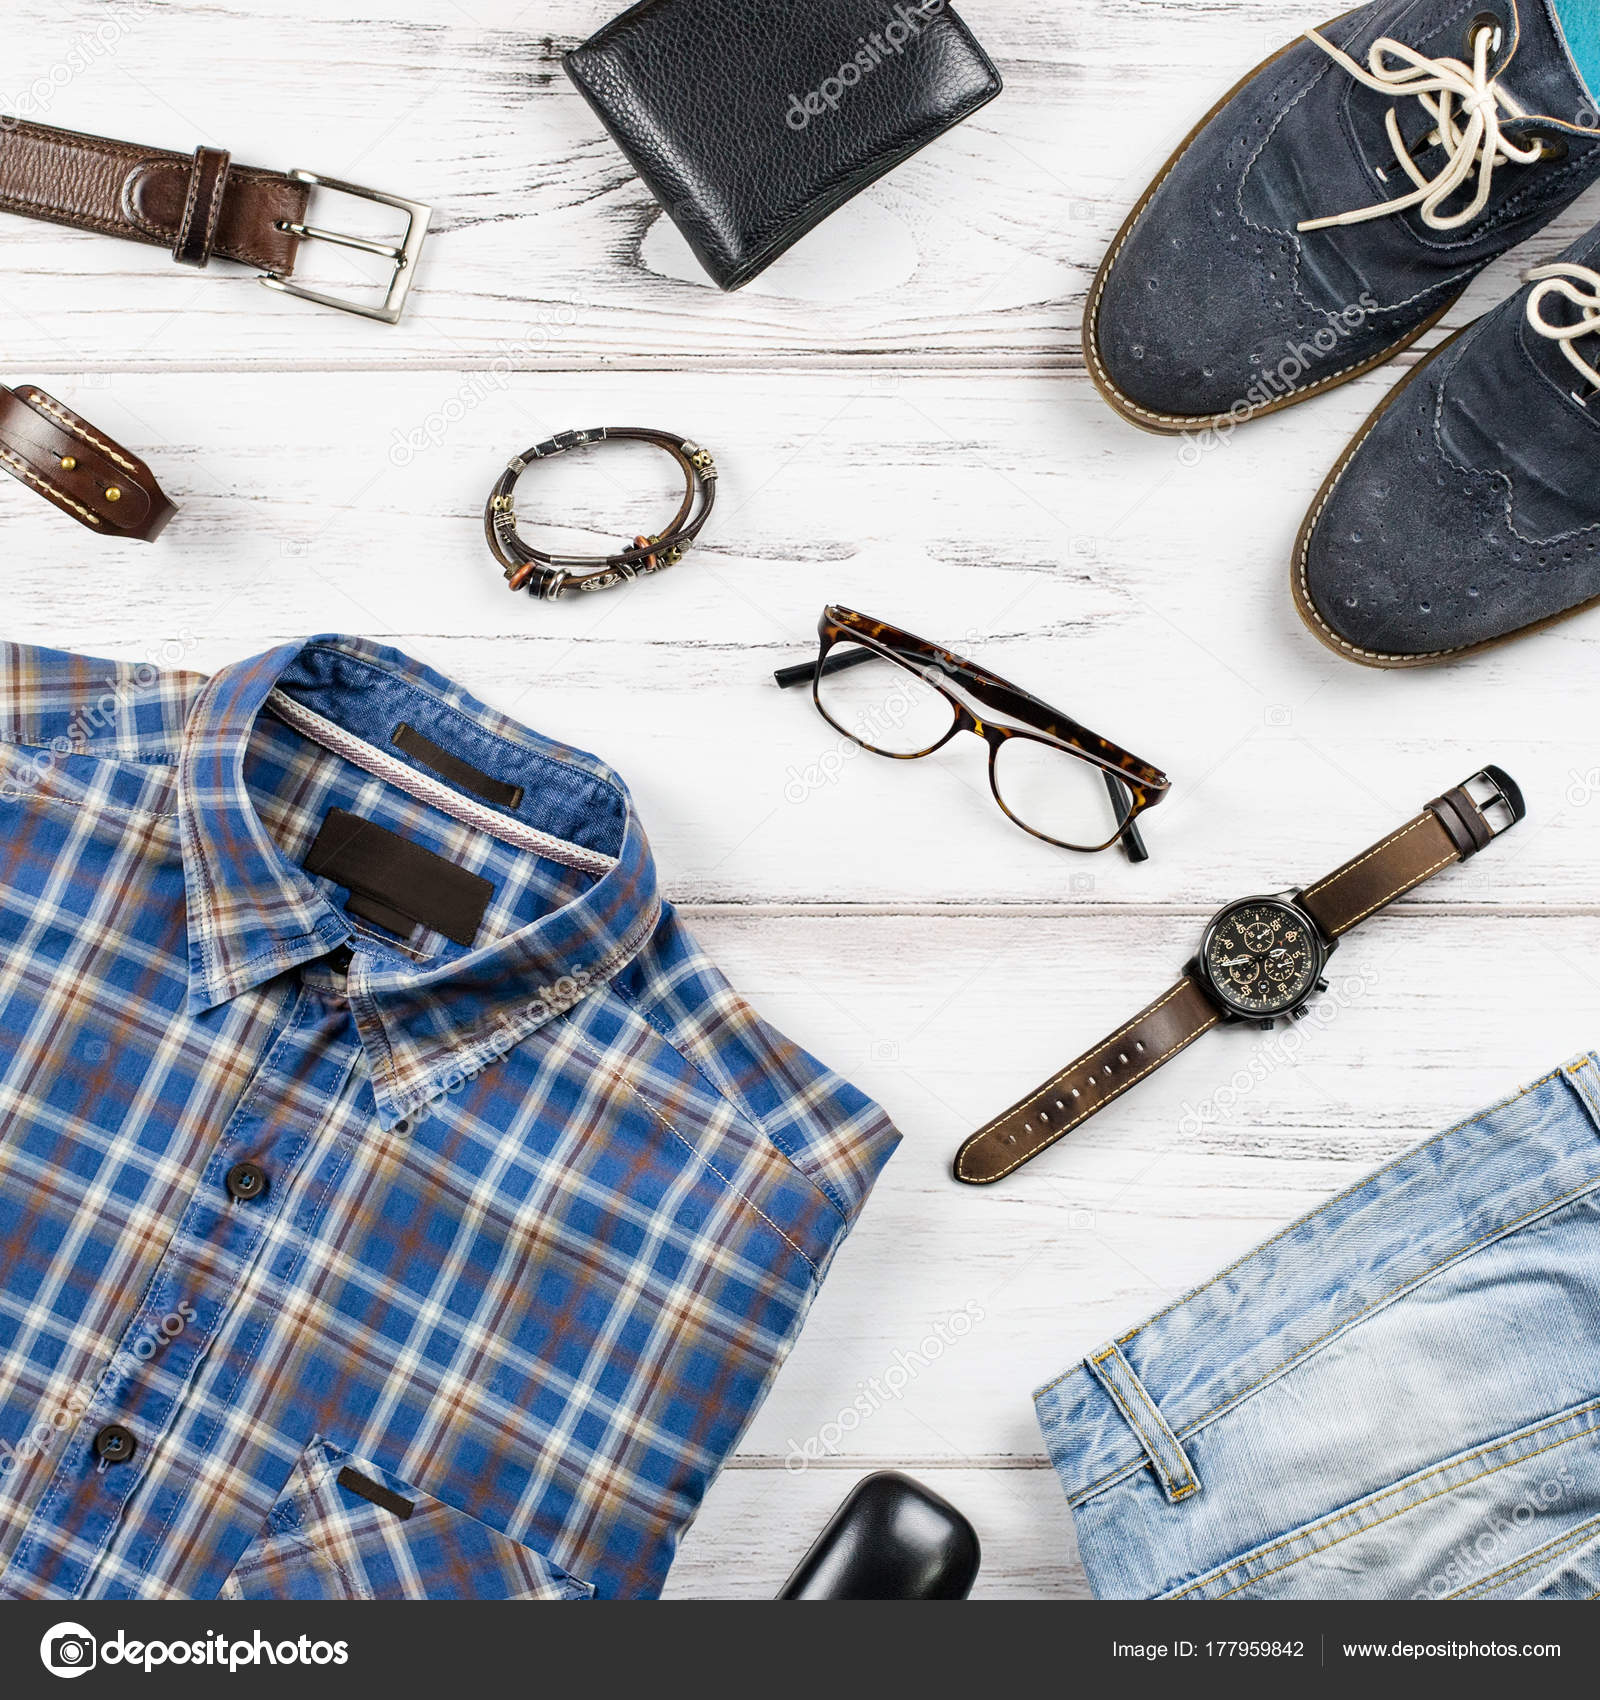 f743bee69edd Ropa casual para hombre. Ropa de moda para hombre y accesorios en fondo  blanco madera